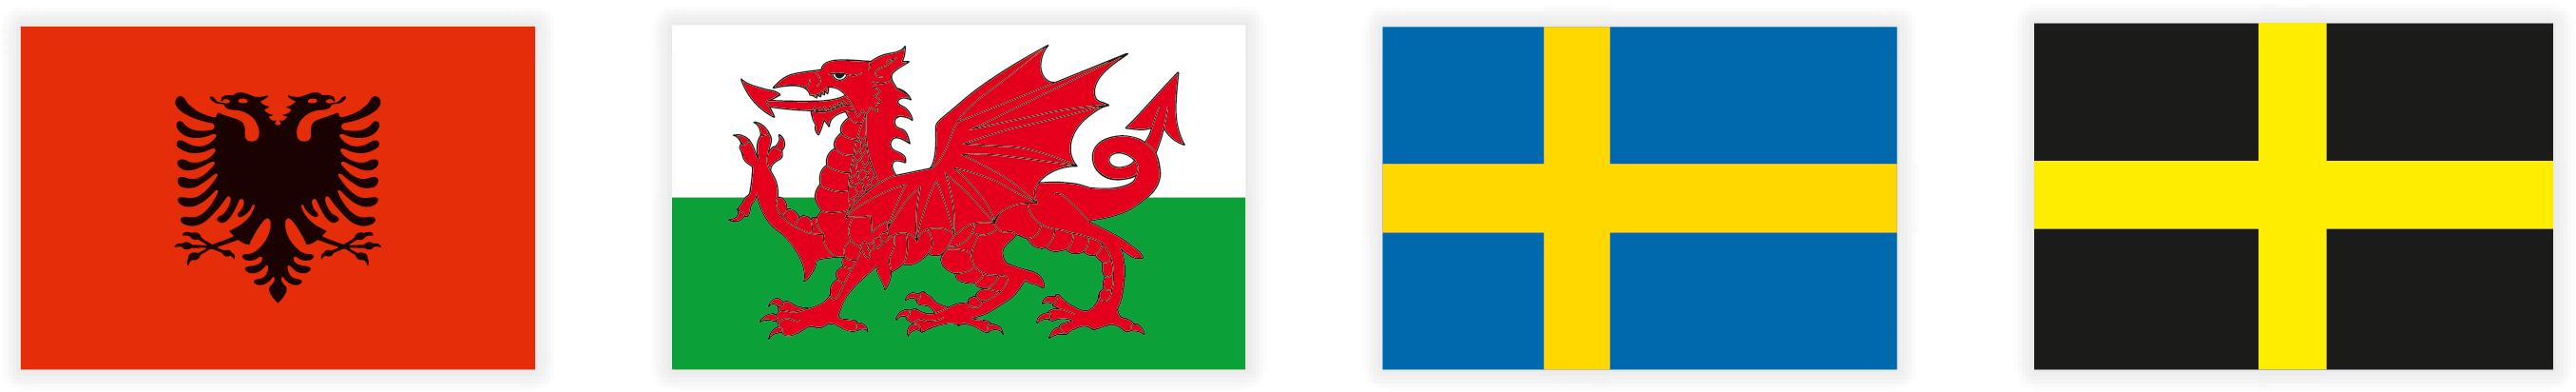 ang6-wb-cs-drapeaubalncvert